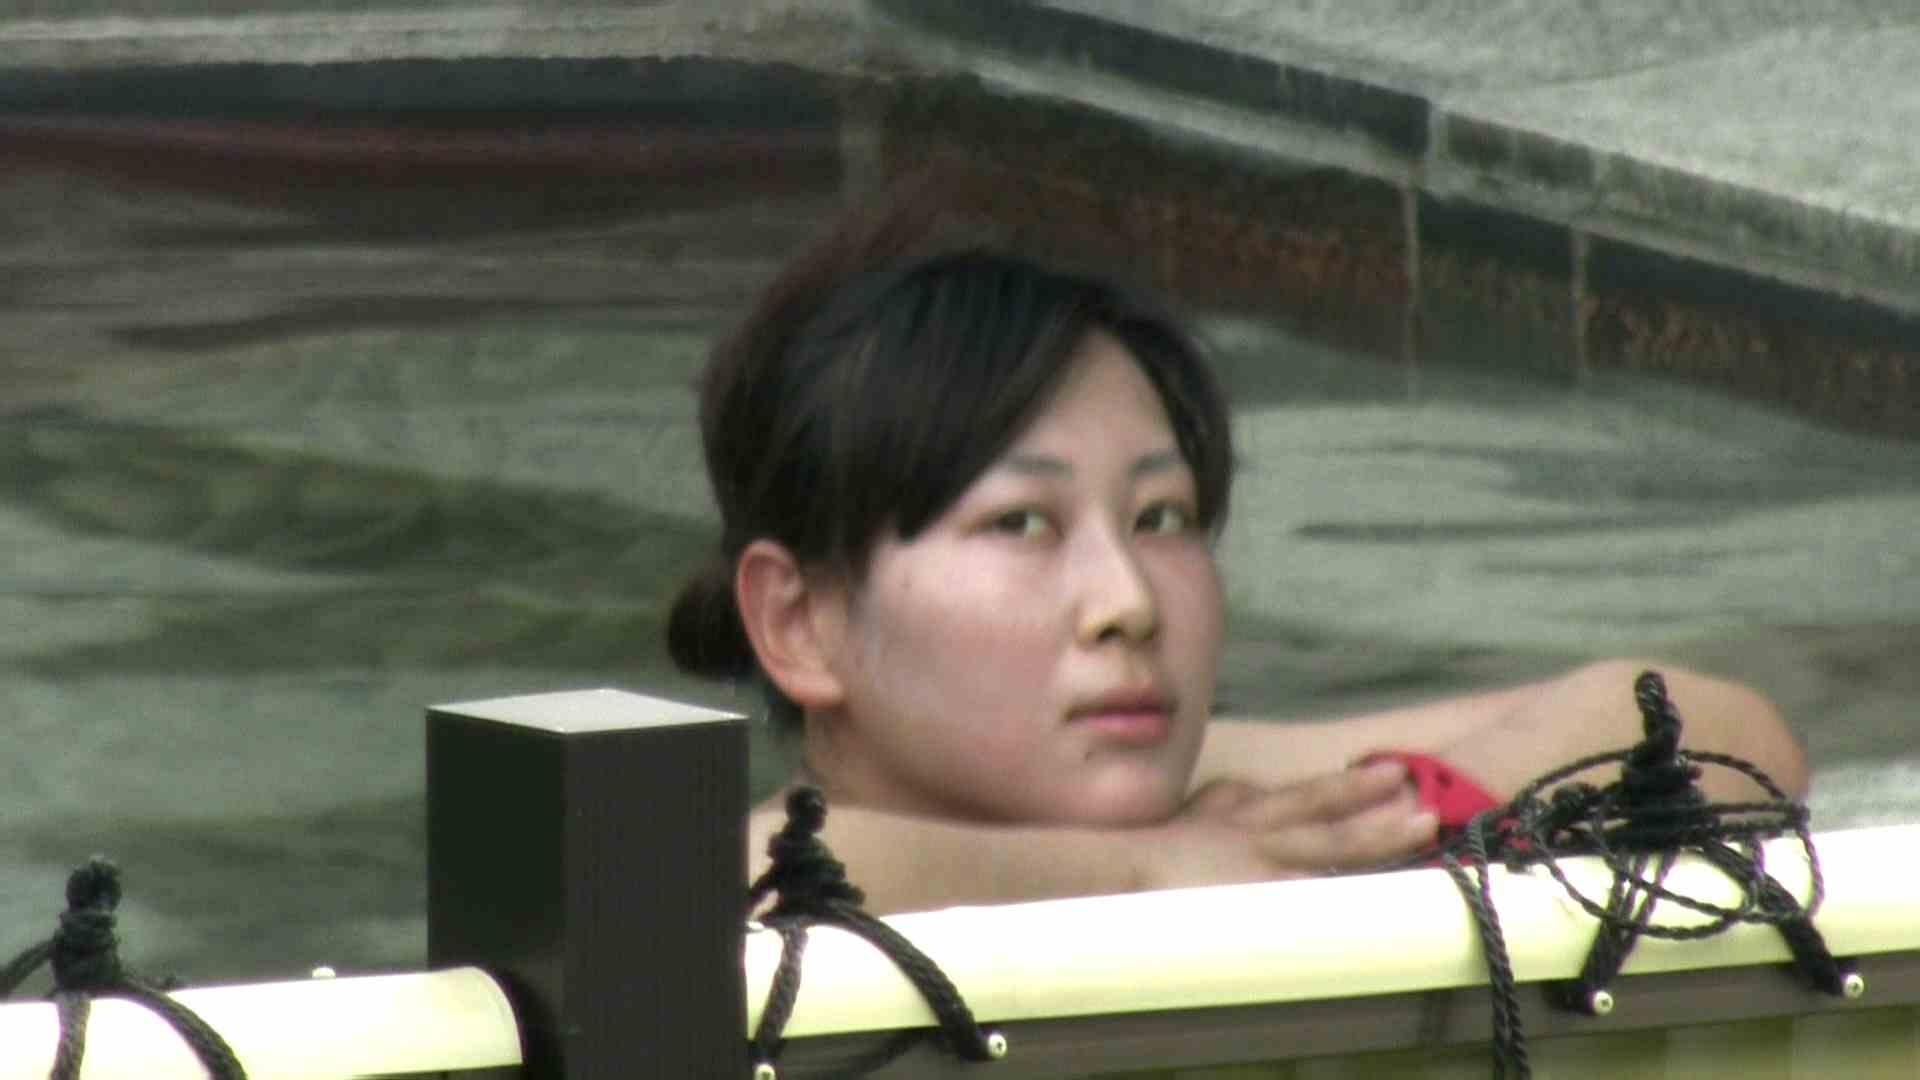 Aquaな露天風呂Vol.665 綺麗なOLたち | 盗撮  85枚 67